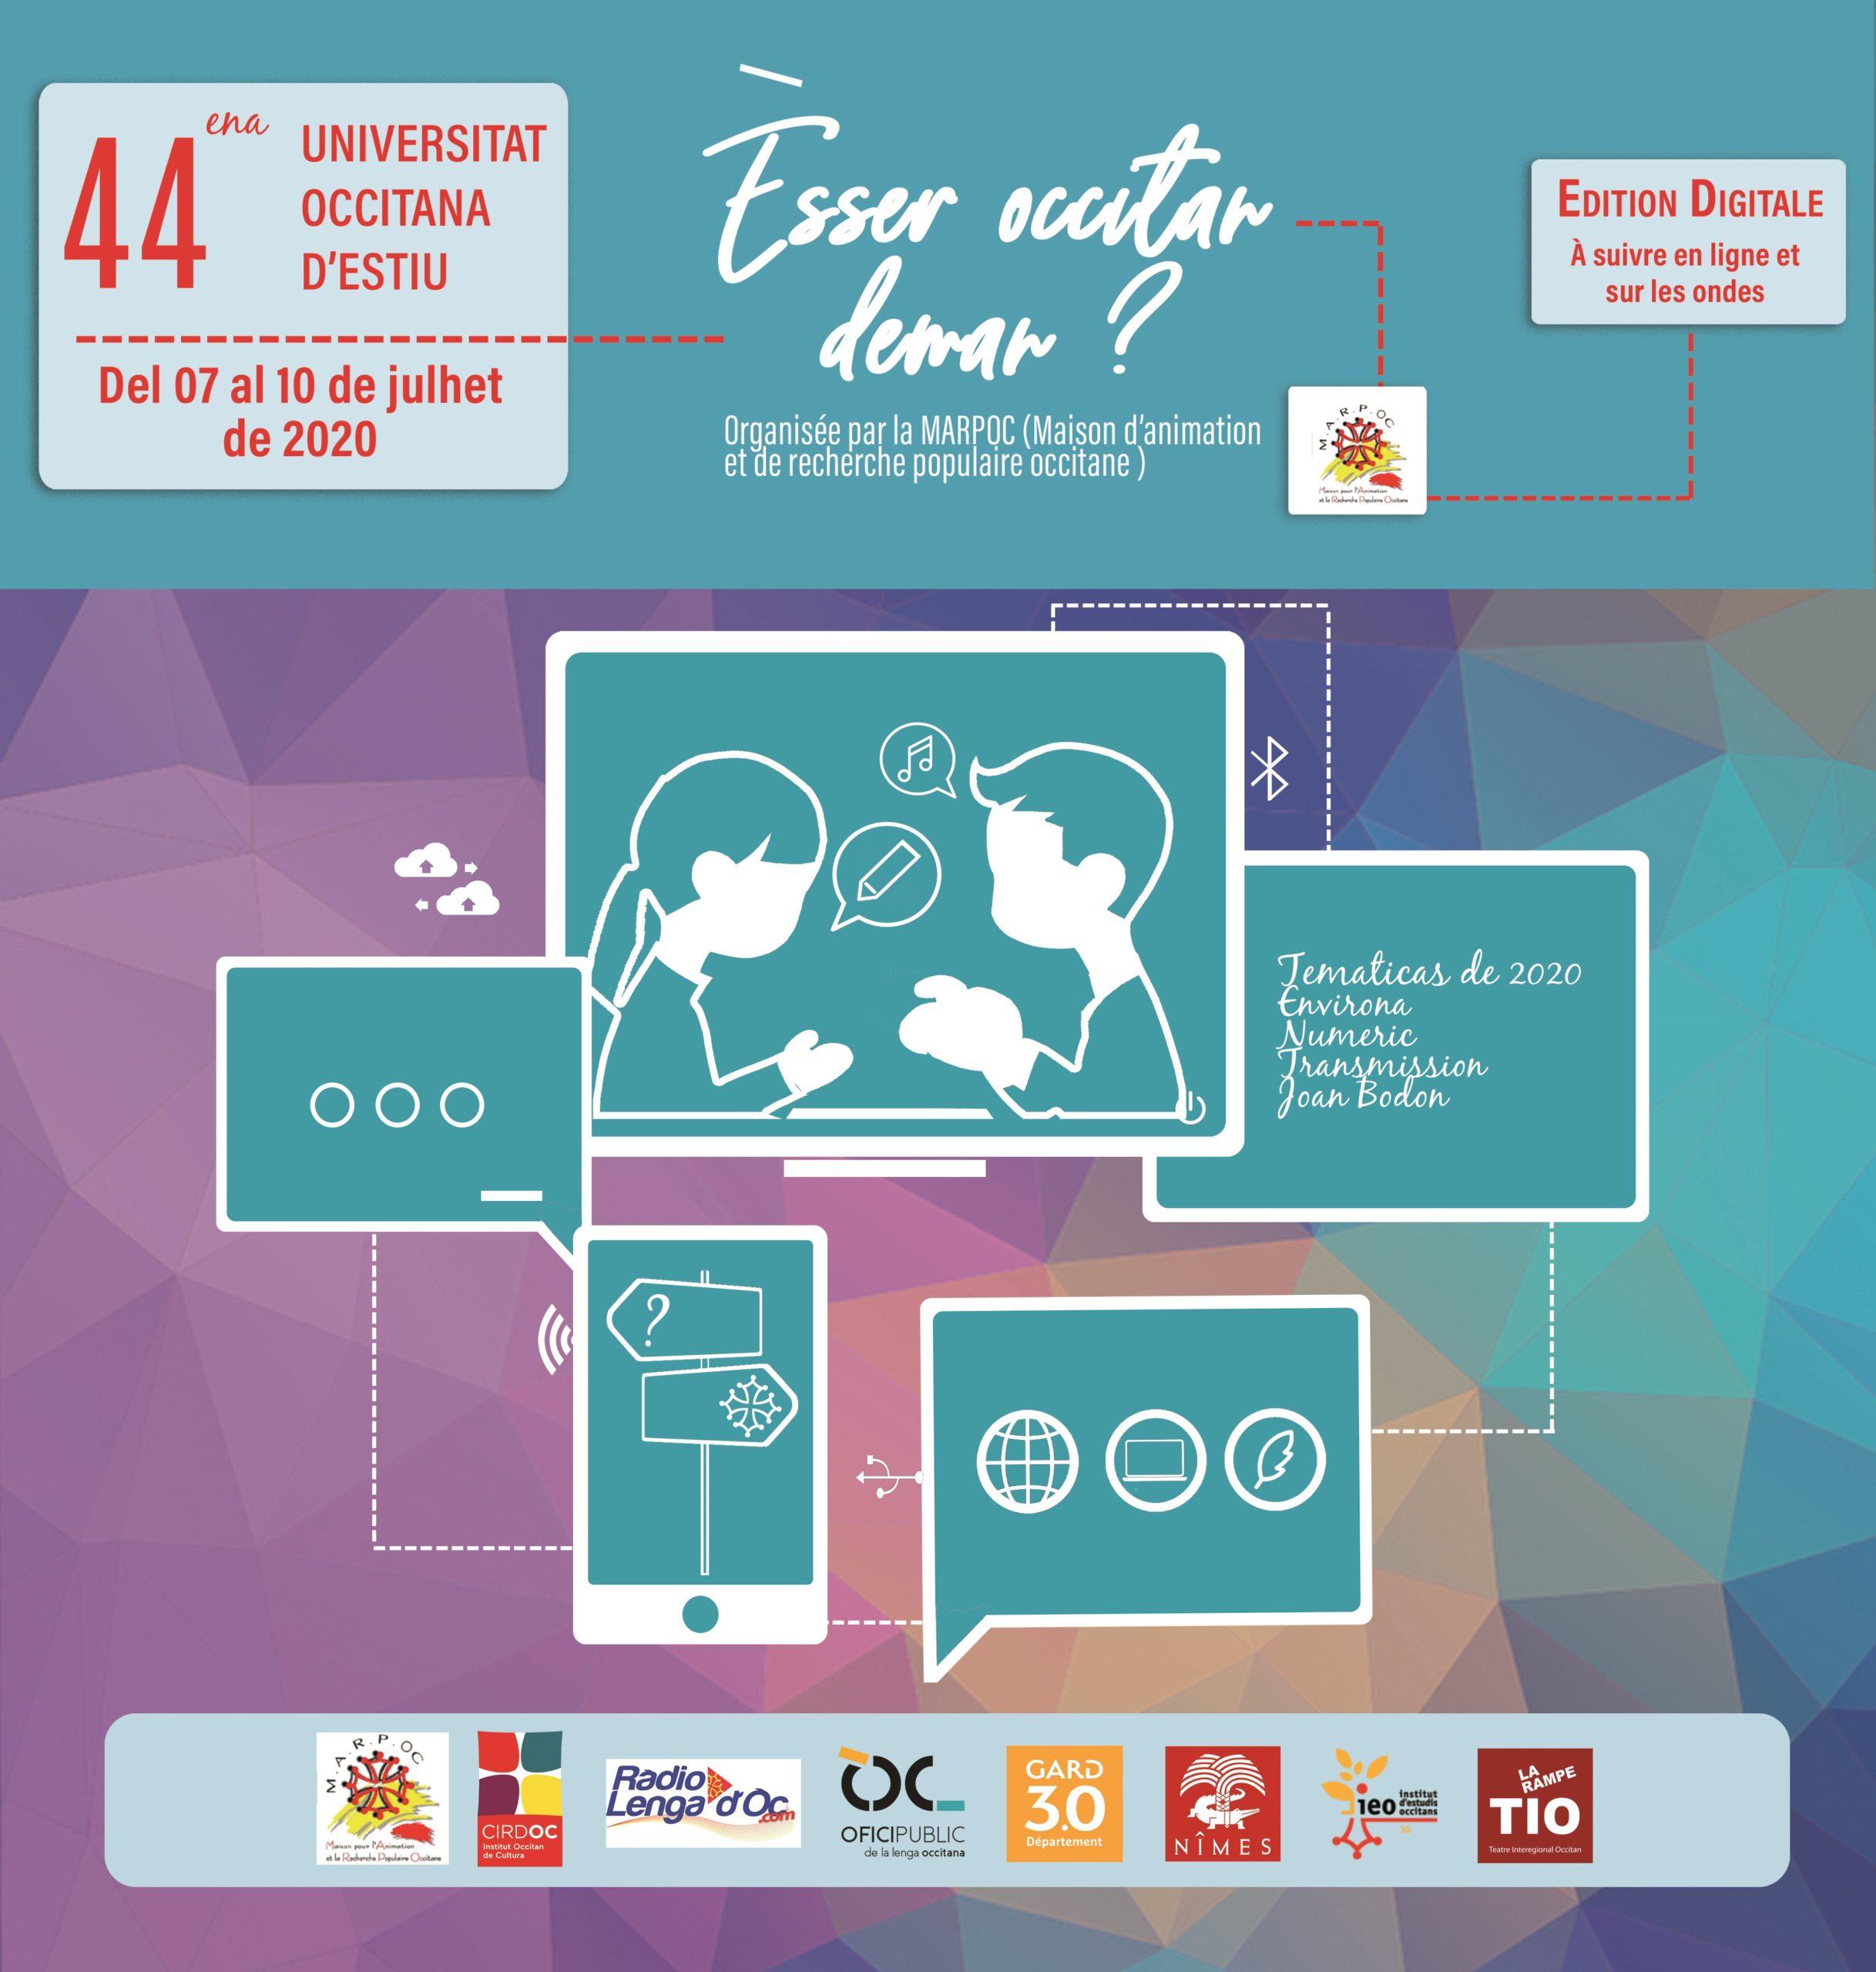 Universitat Occitana d'Estiu - Une édition 2020, numérique et radiophonique